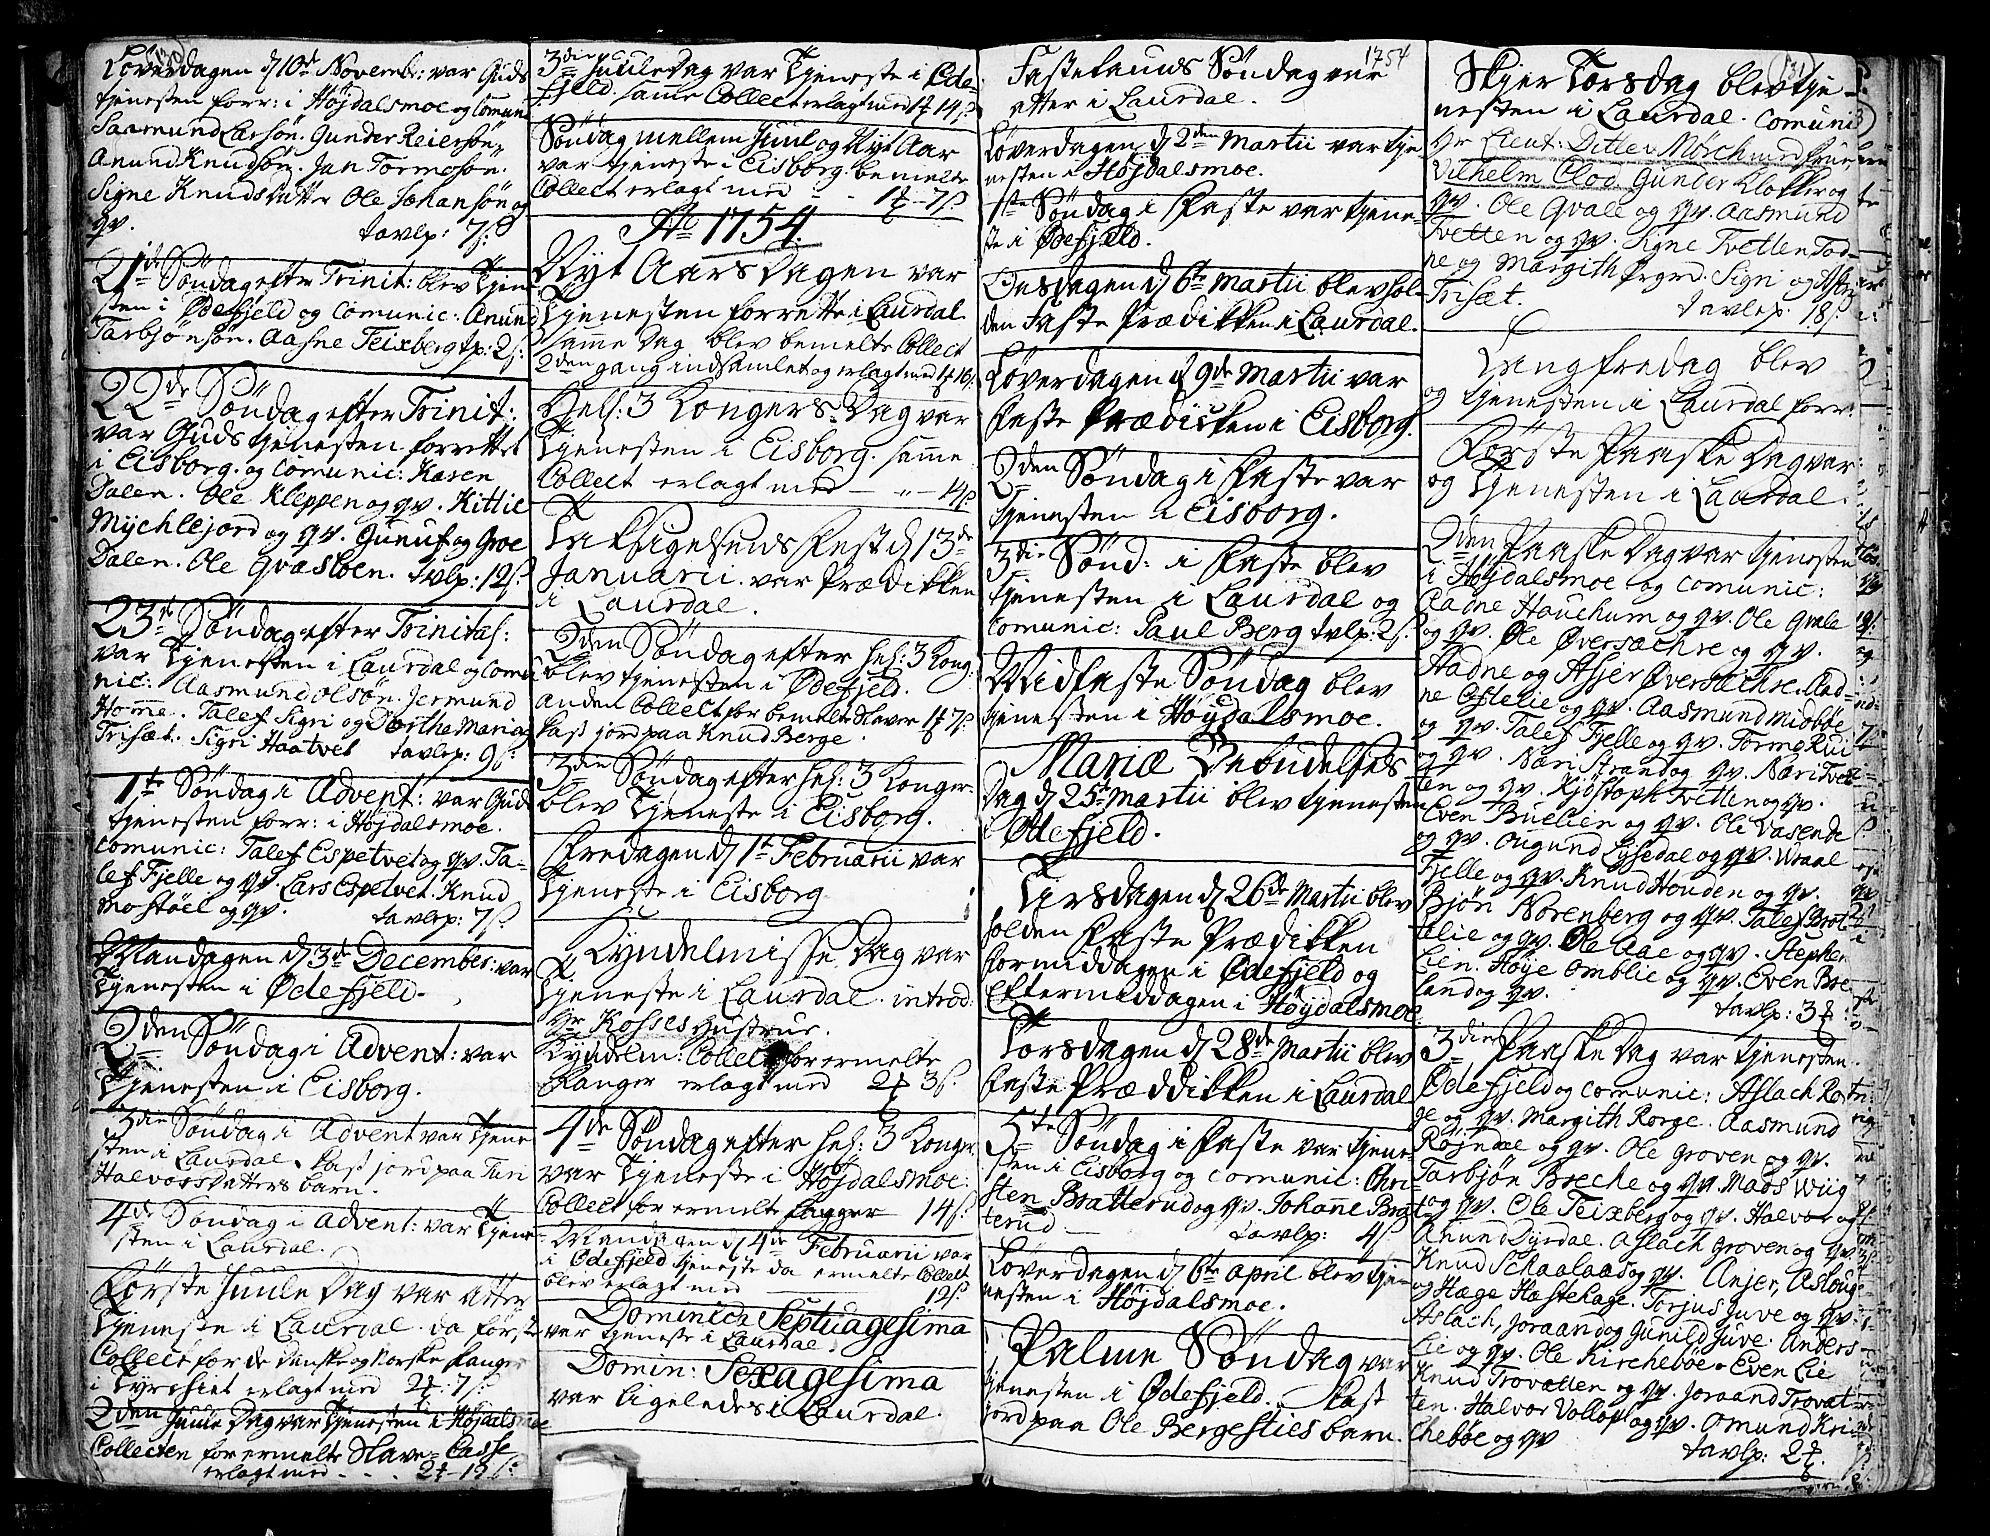 SAKO, Lårdal kirkebøker, F/Fa/L0002: Ministerialbok nr. I 2, 1734-1754, s. 130-131